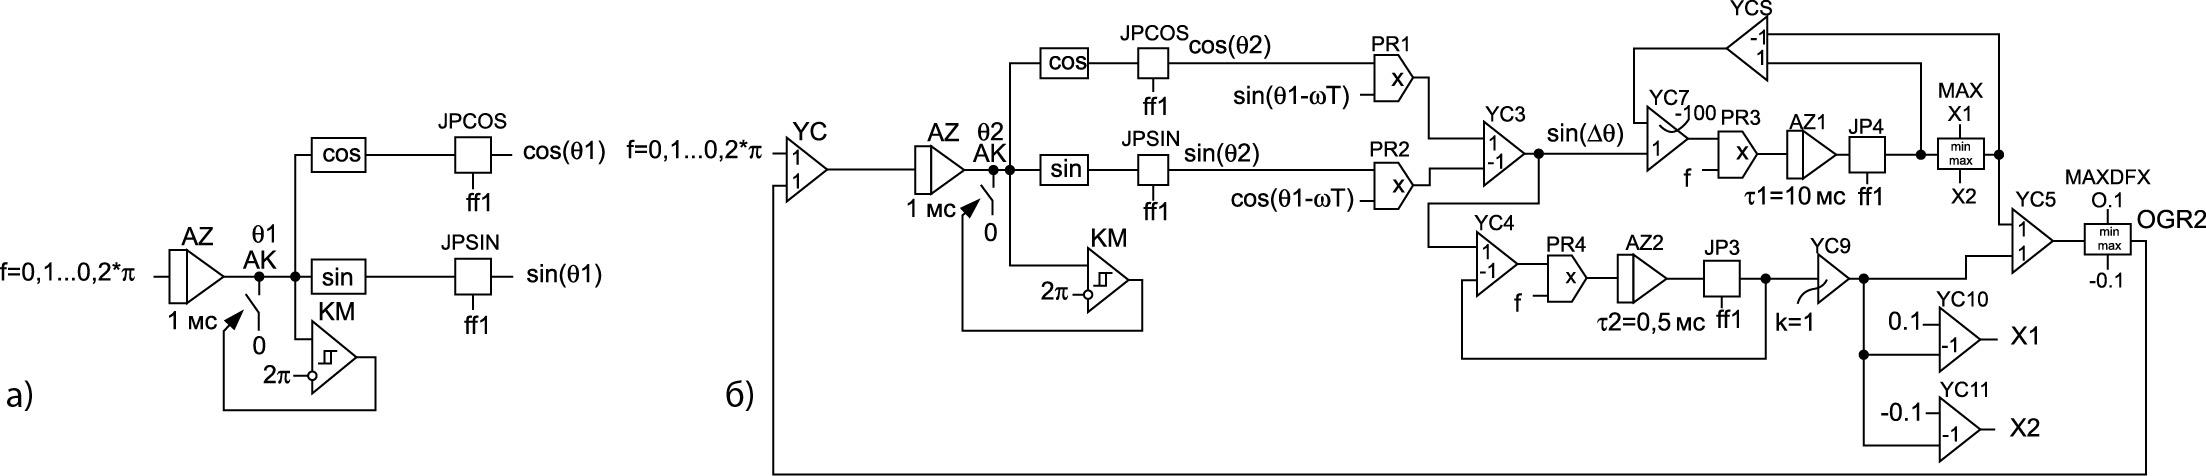 Блок-схема ЗГ системы управления преобразователя